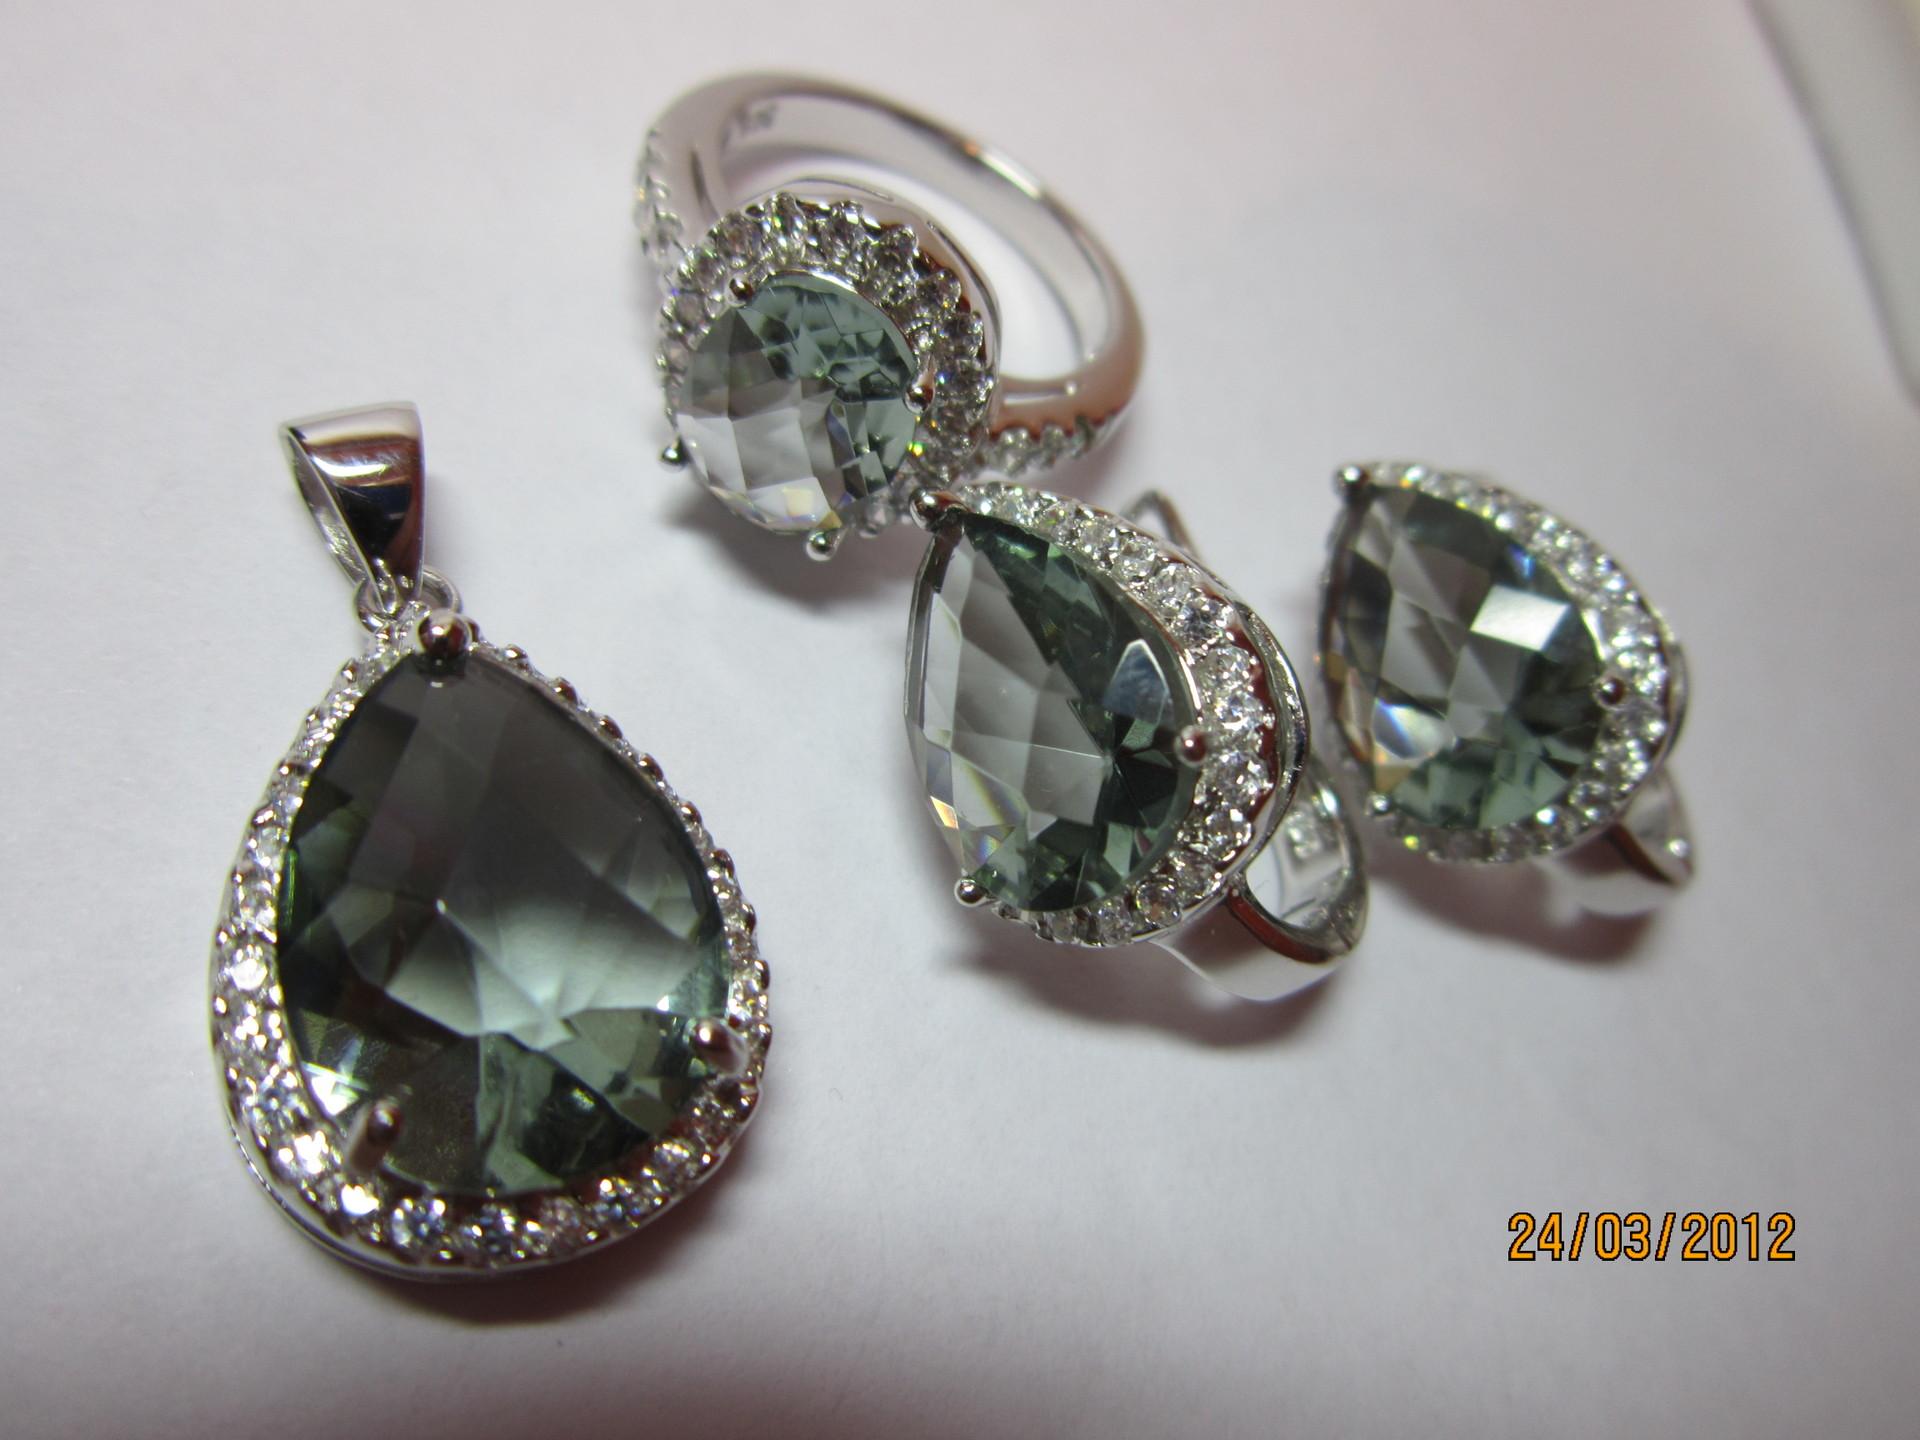 Украшения из камней в серебре фото